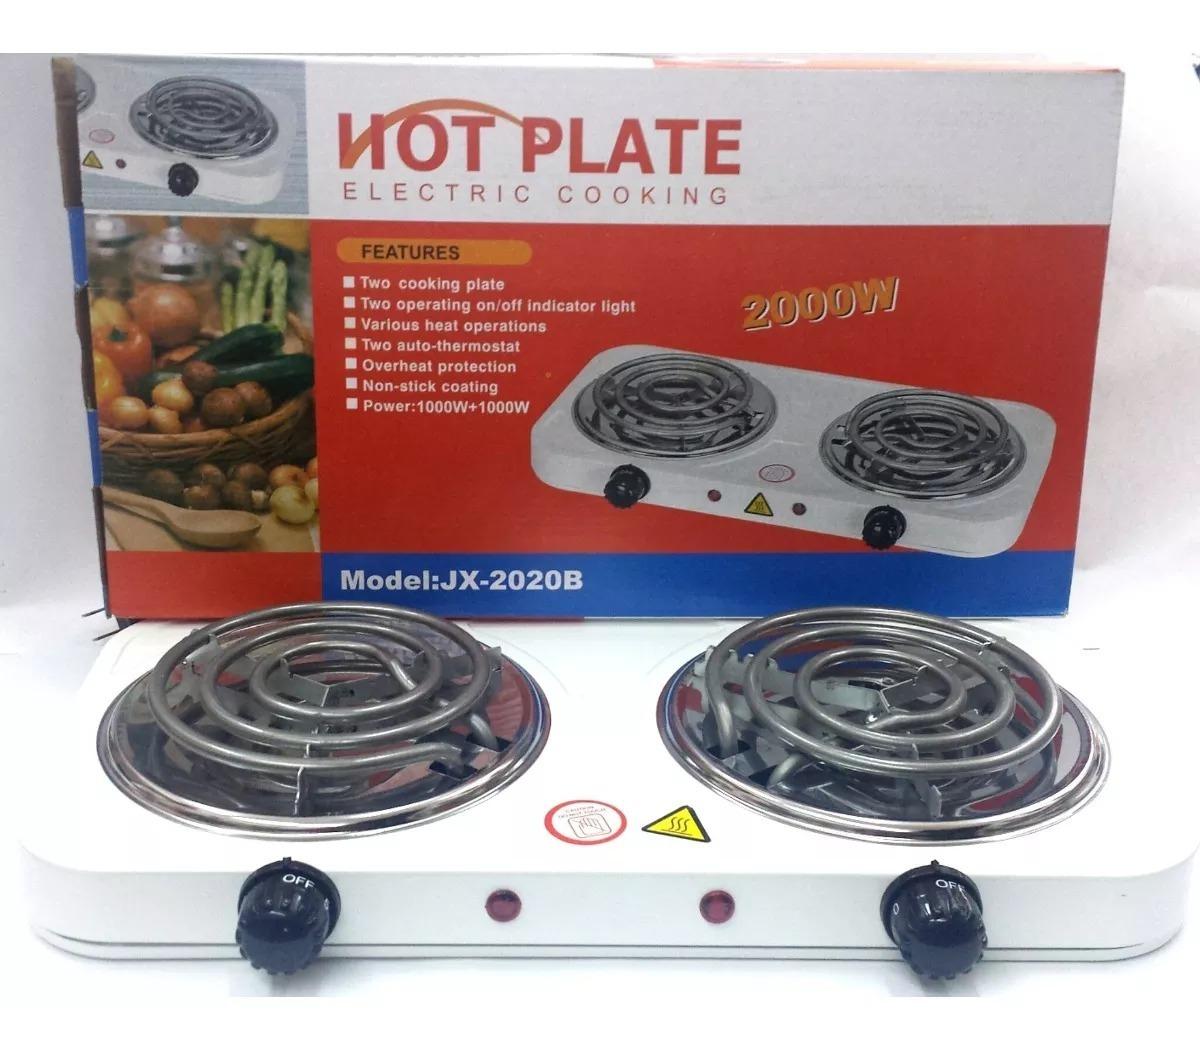 Cocina Electrica 2 Hornillas Hot Plate 2000w Bs 1 118 250 00 En